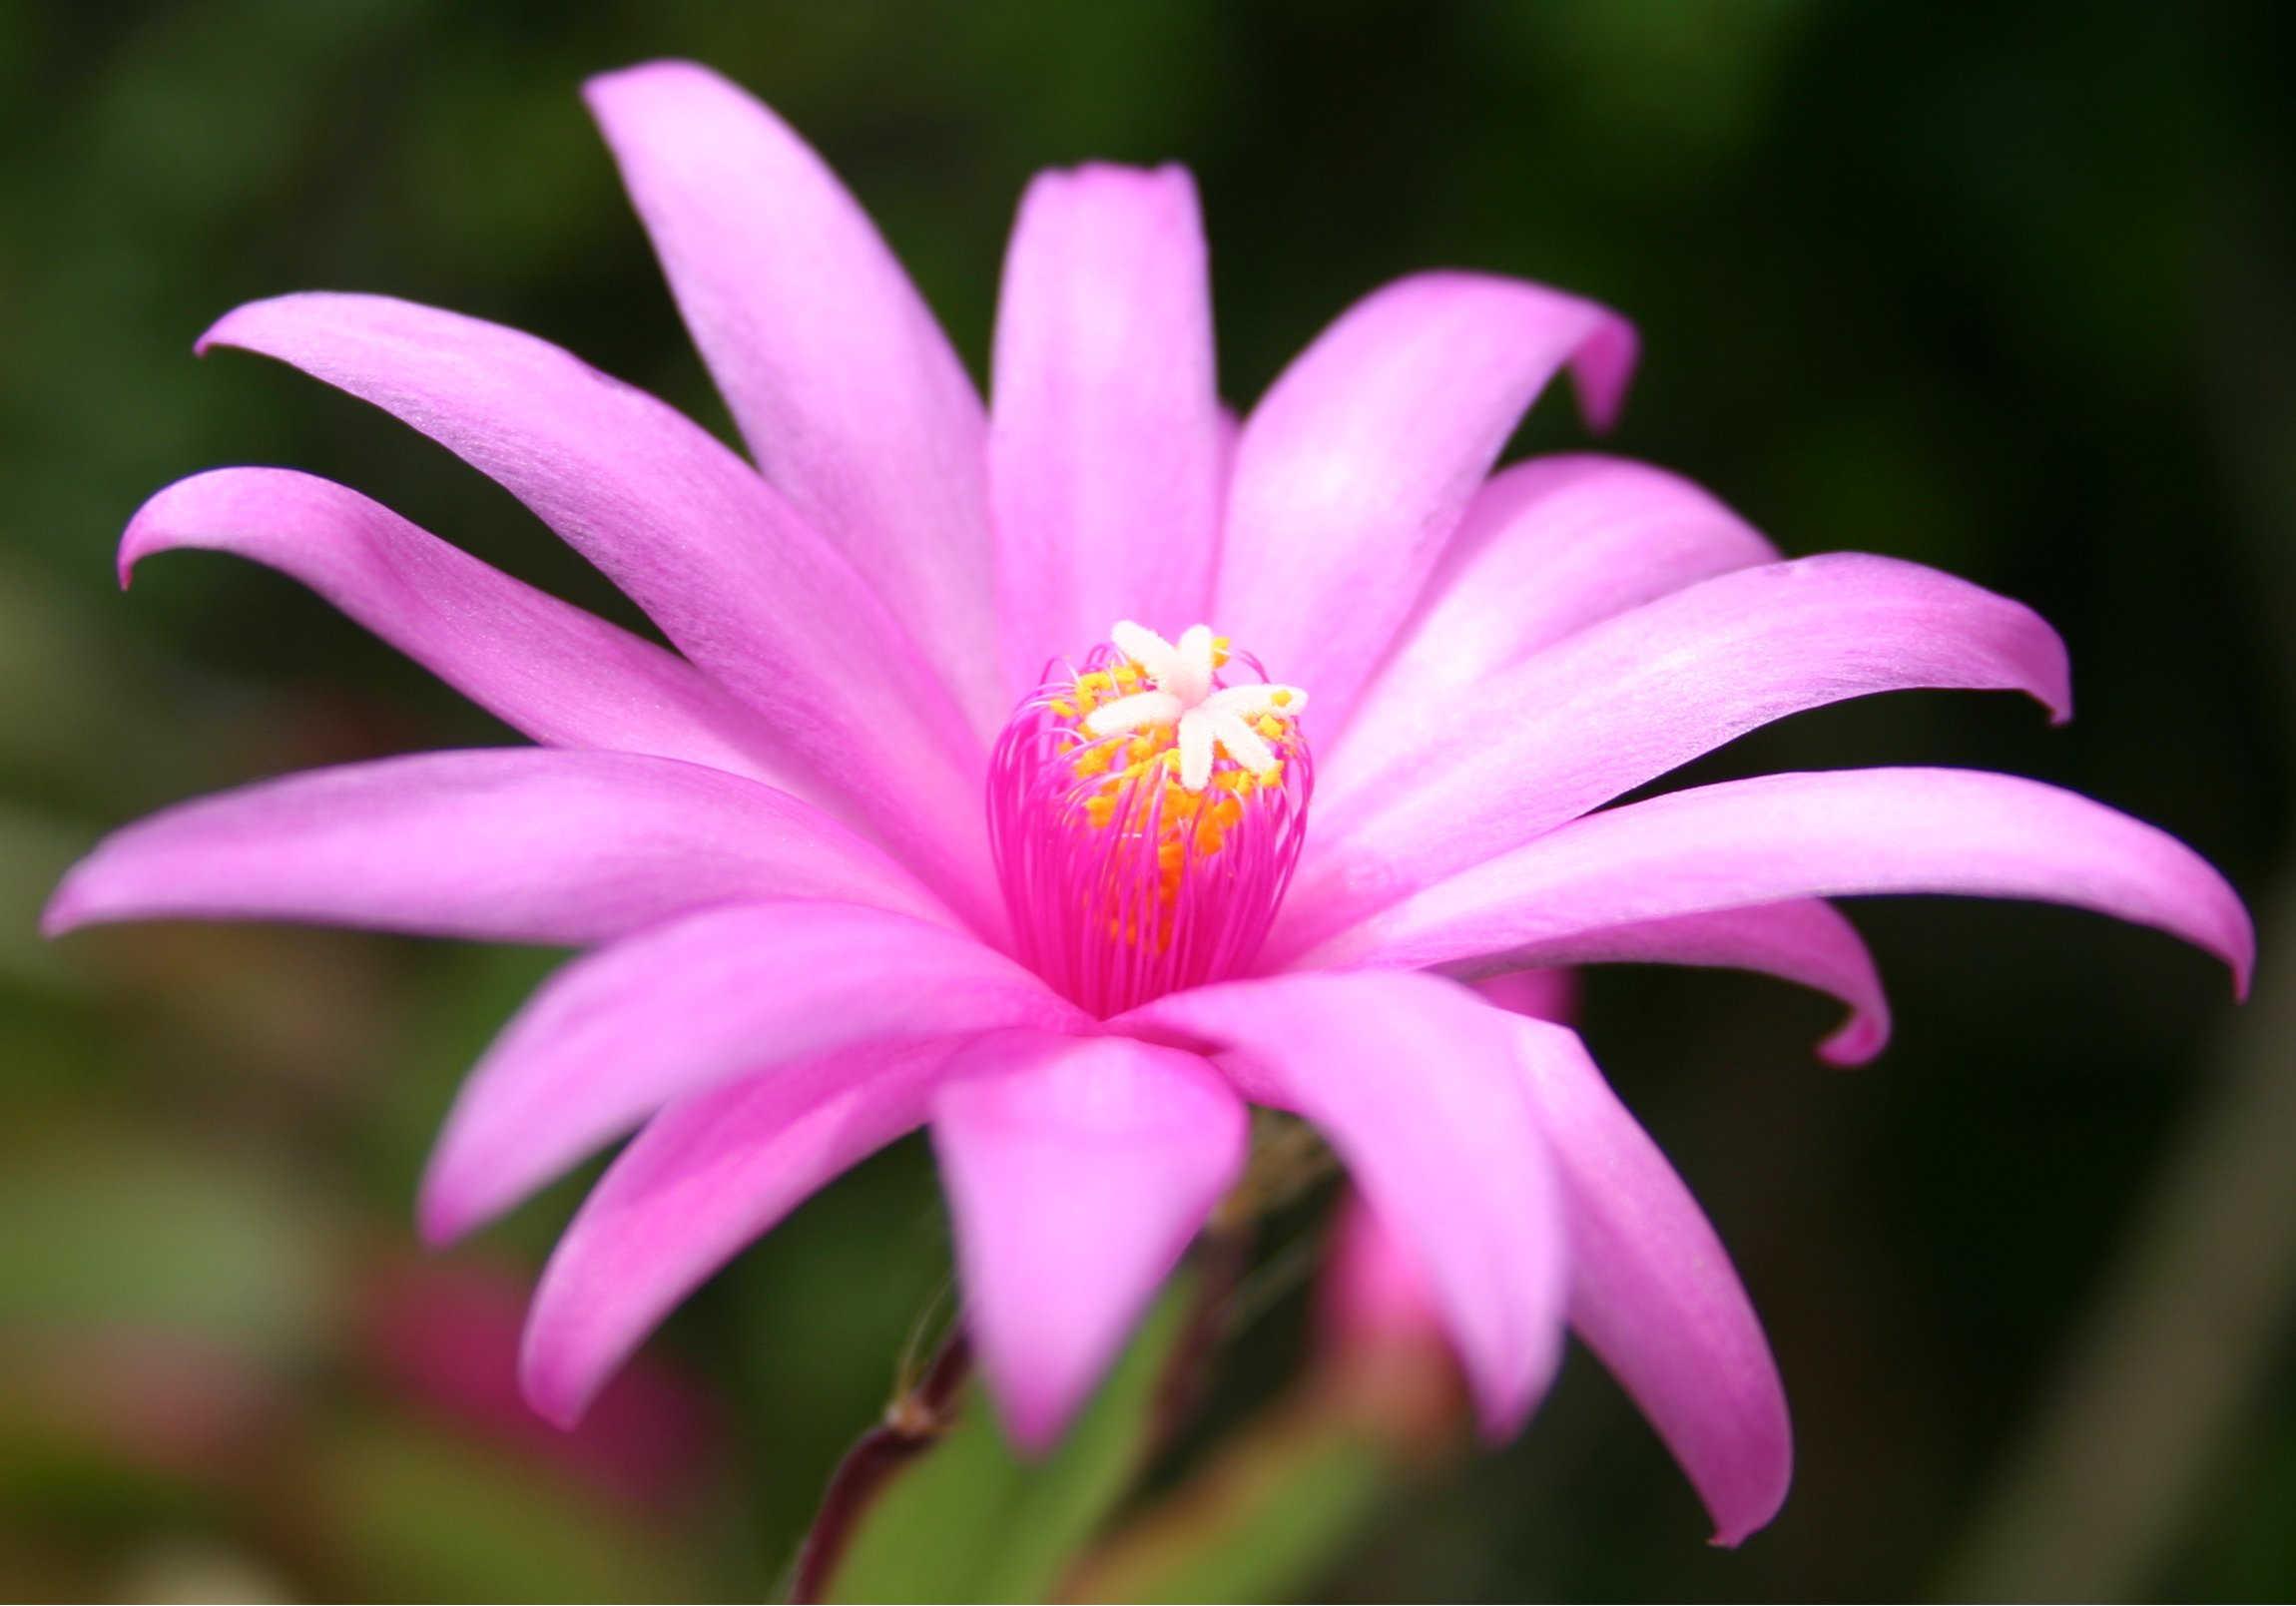 можем красивые цветы фото по одному цветку это